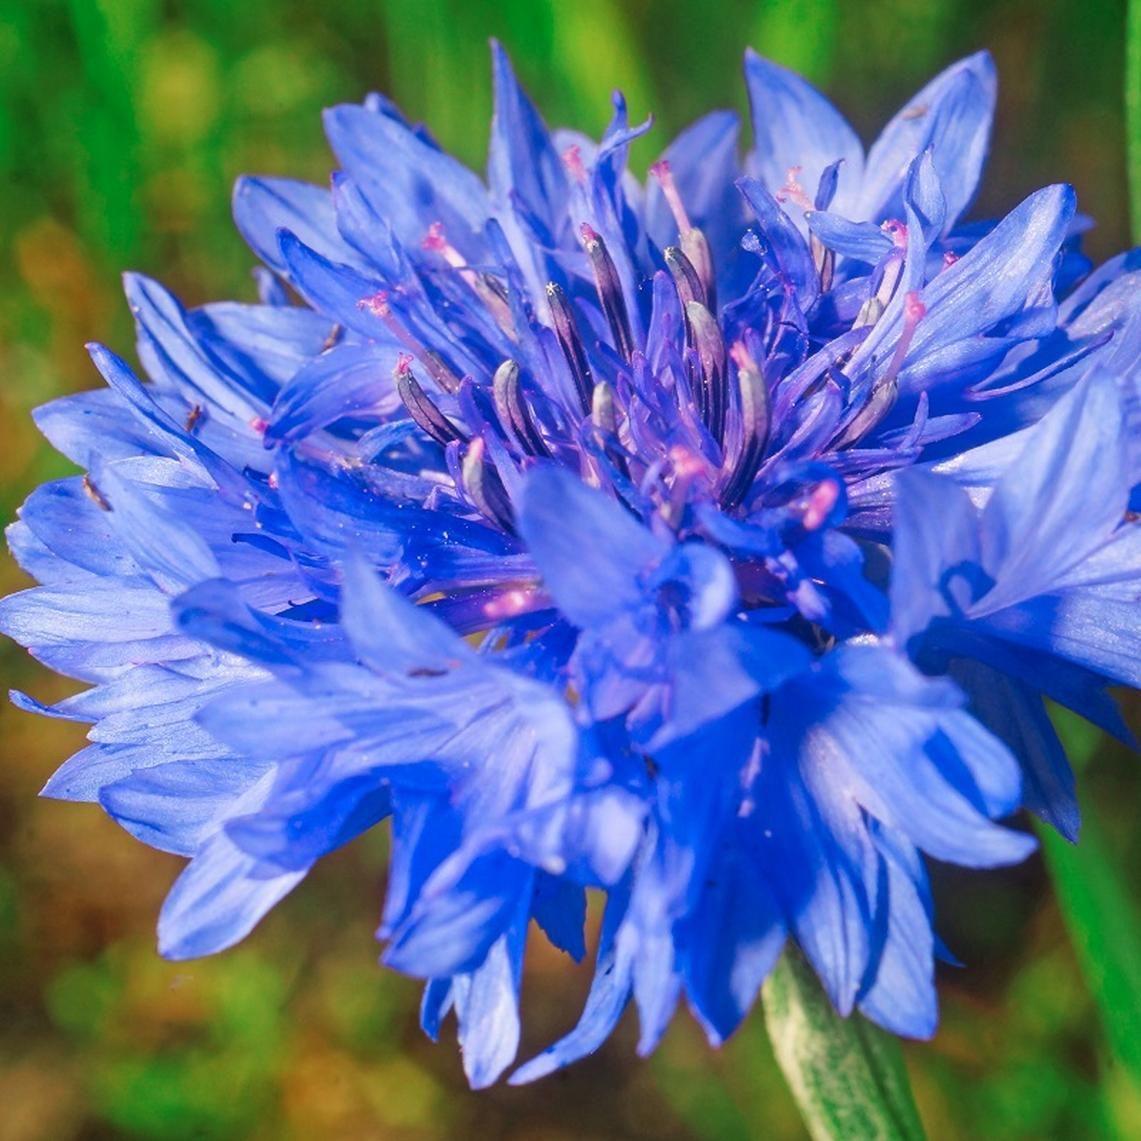 Cornflower seeds dwarf blue flower seeds in packets